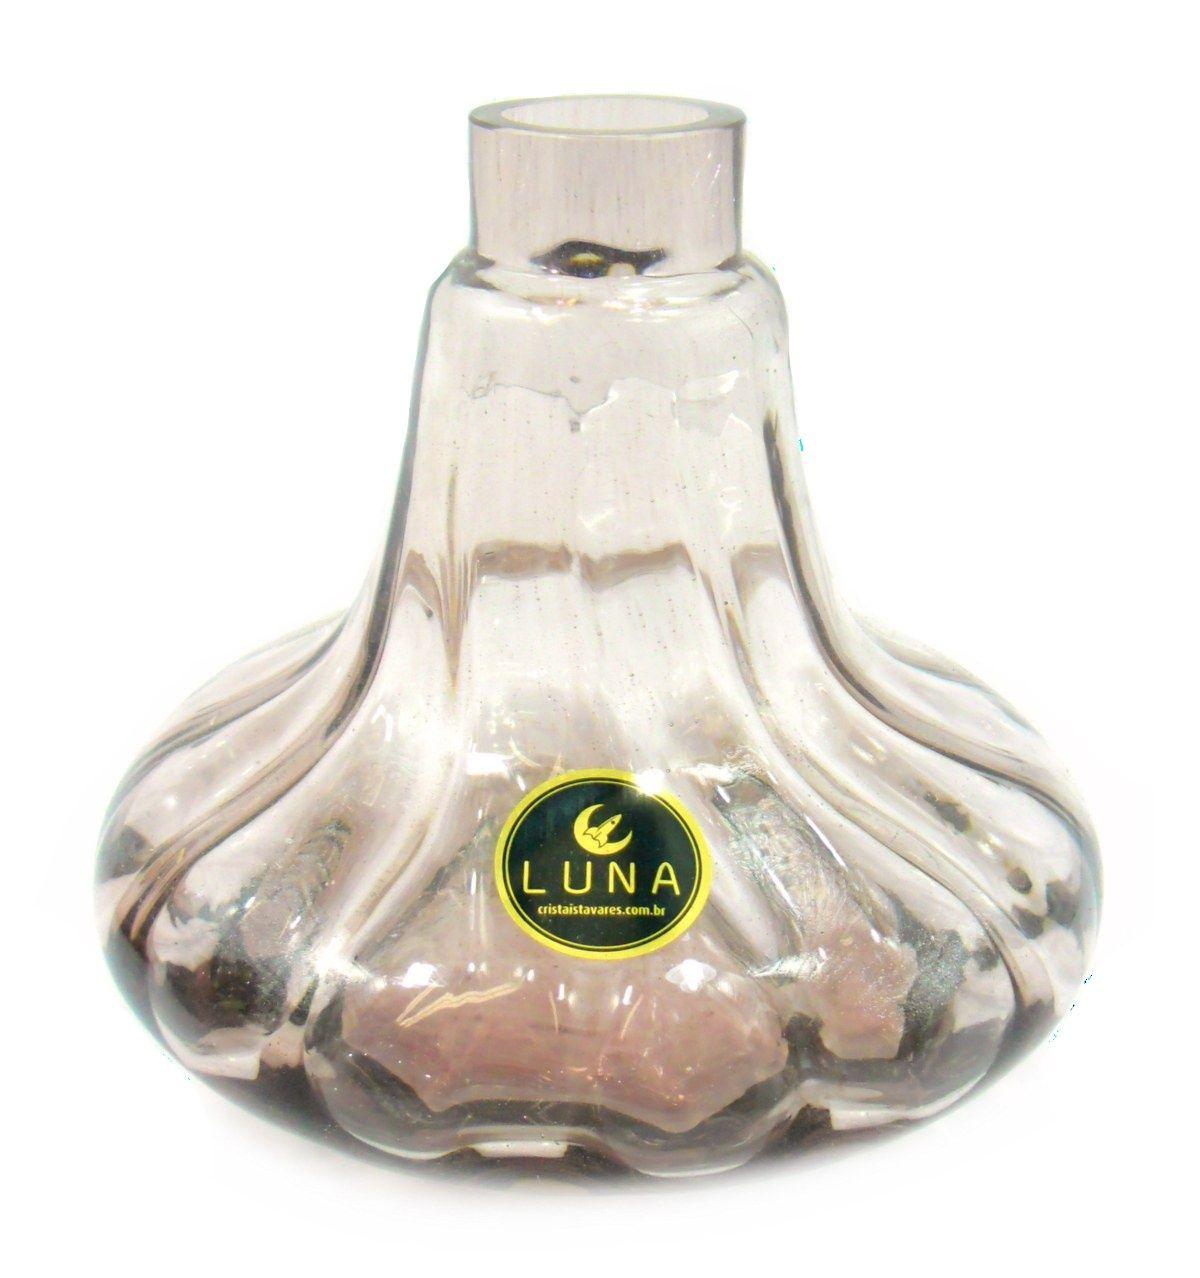 Vaso/base para narguile Aladin/Gênio 15,5cm, marca LUNA, em vidro tonalizado. Encaixe macho. Rosé (rosa claro)